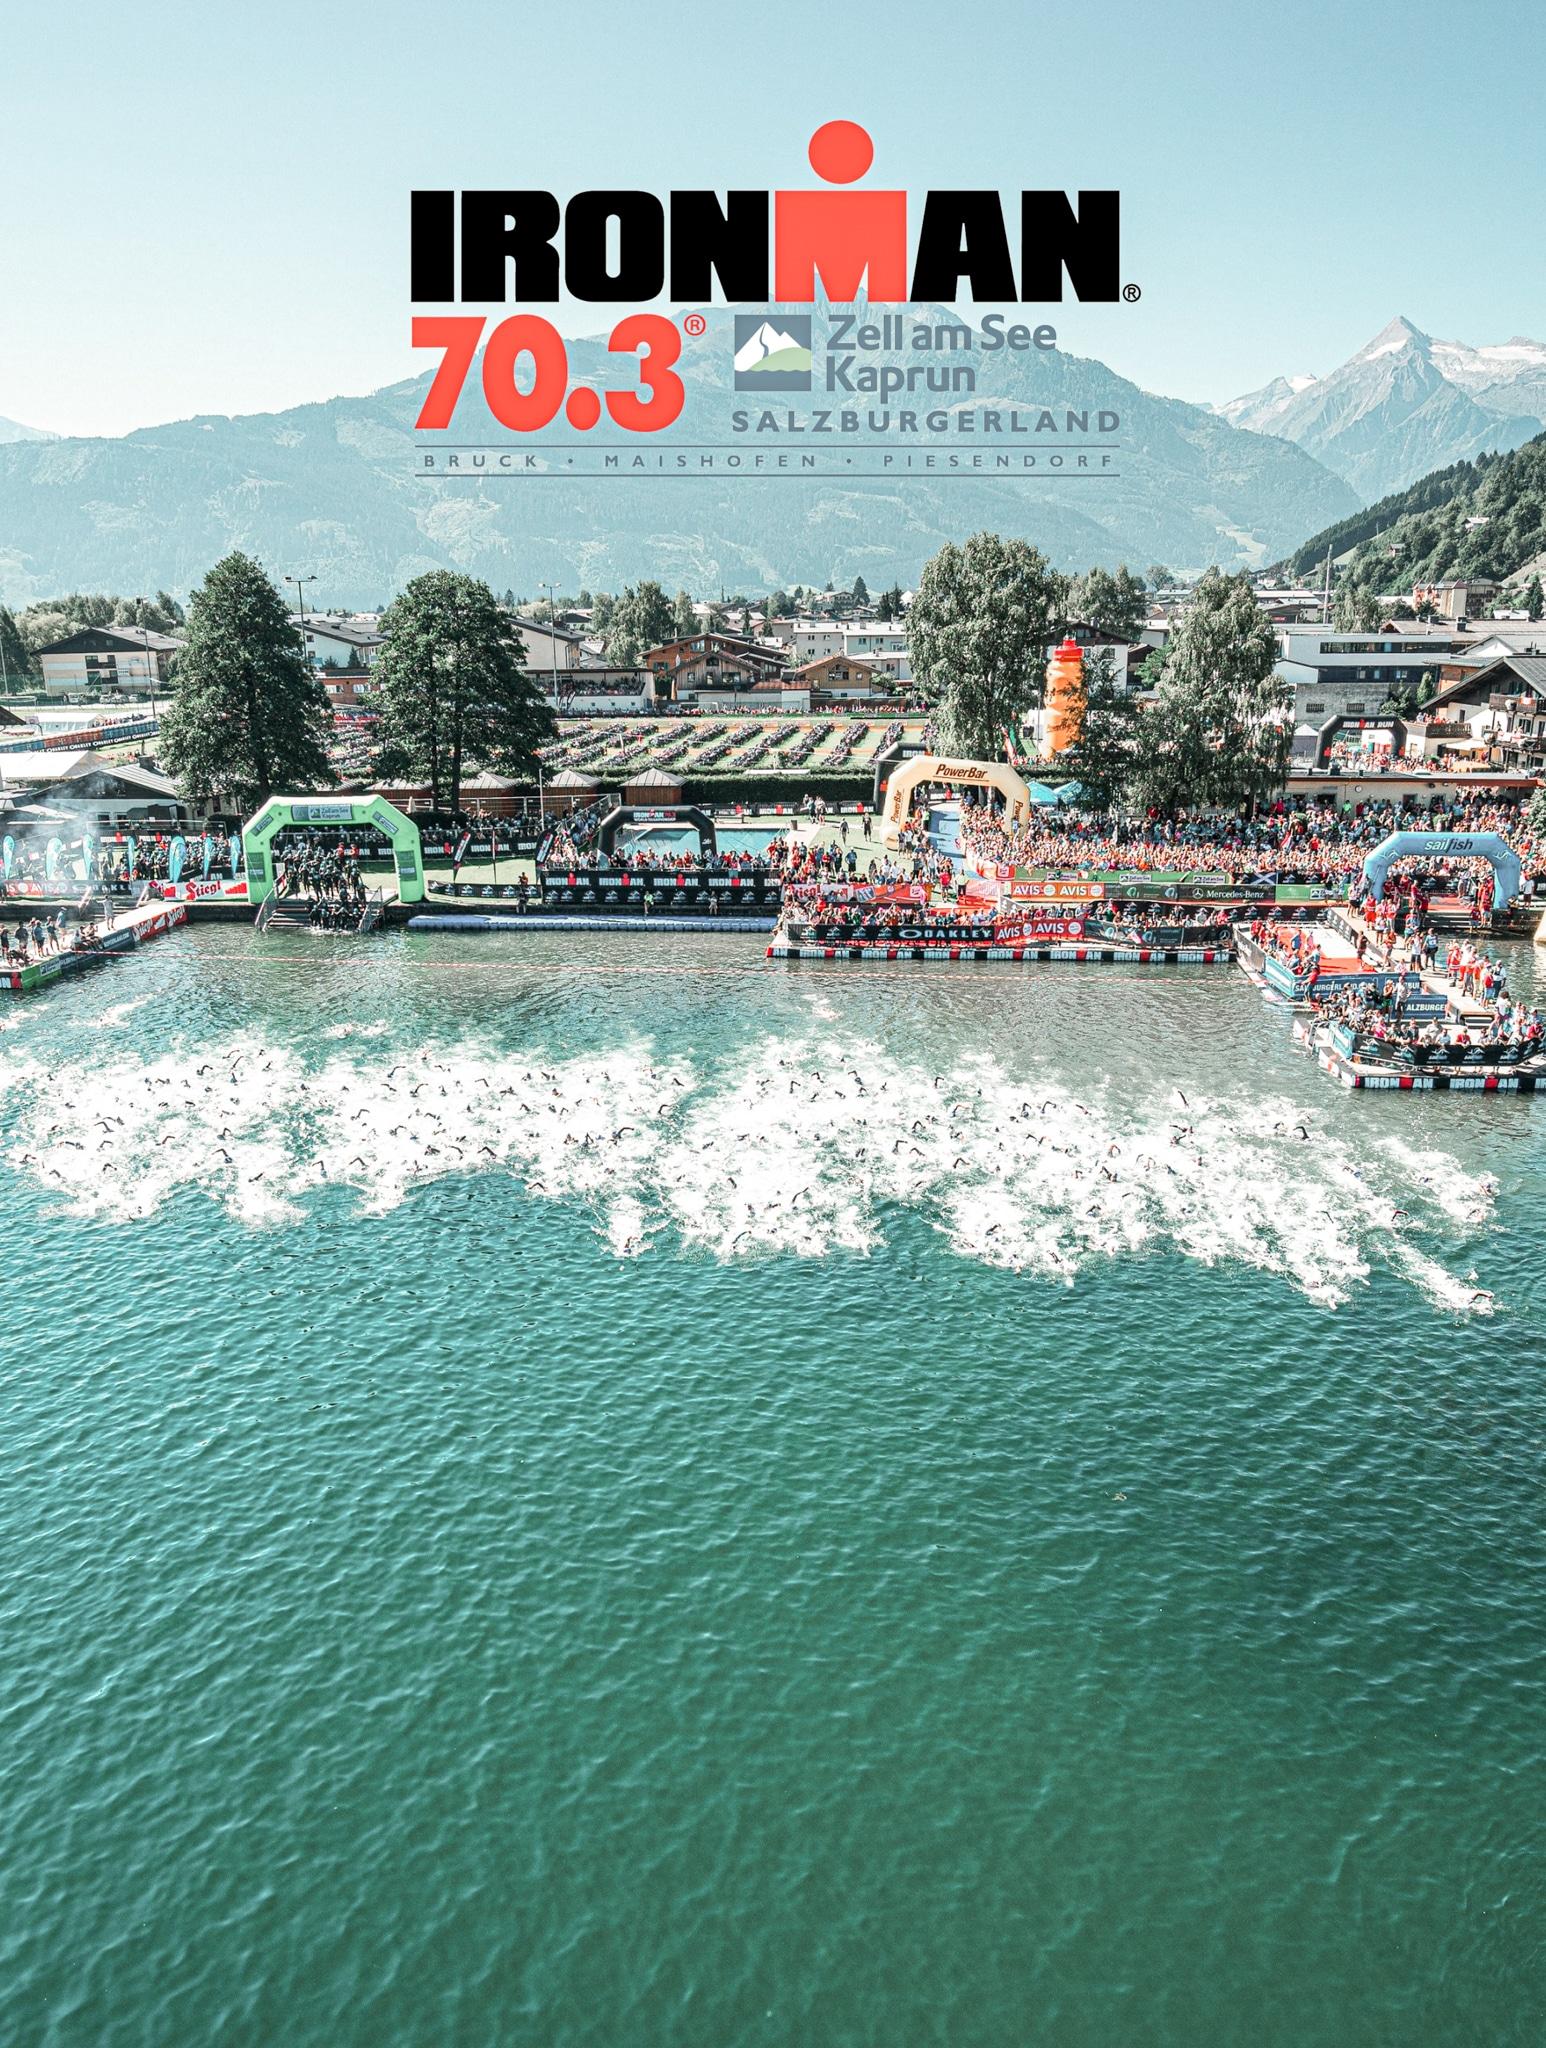 Alpenhaus Kaprun - Alpiner Lifestyle - Urlaub in den Bergen Ironman